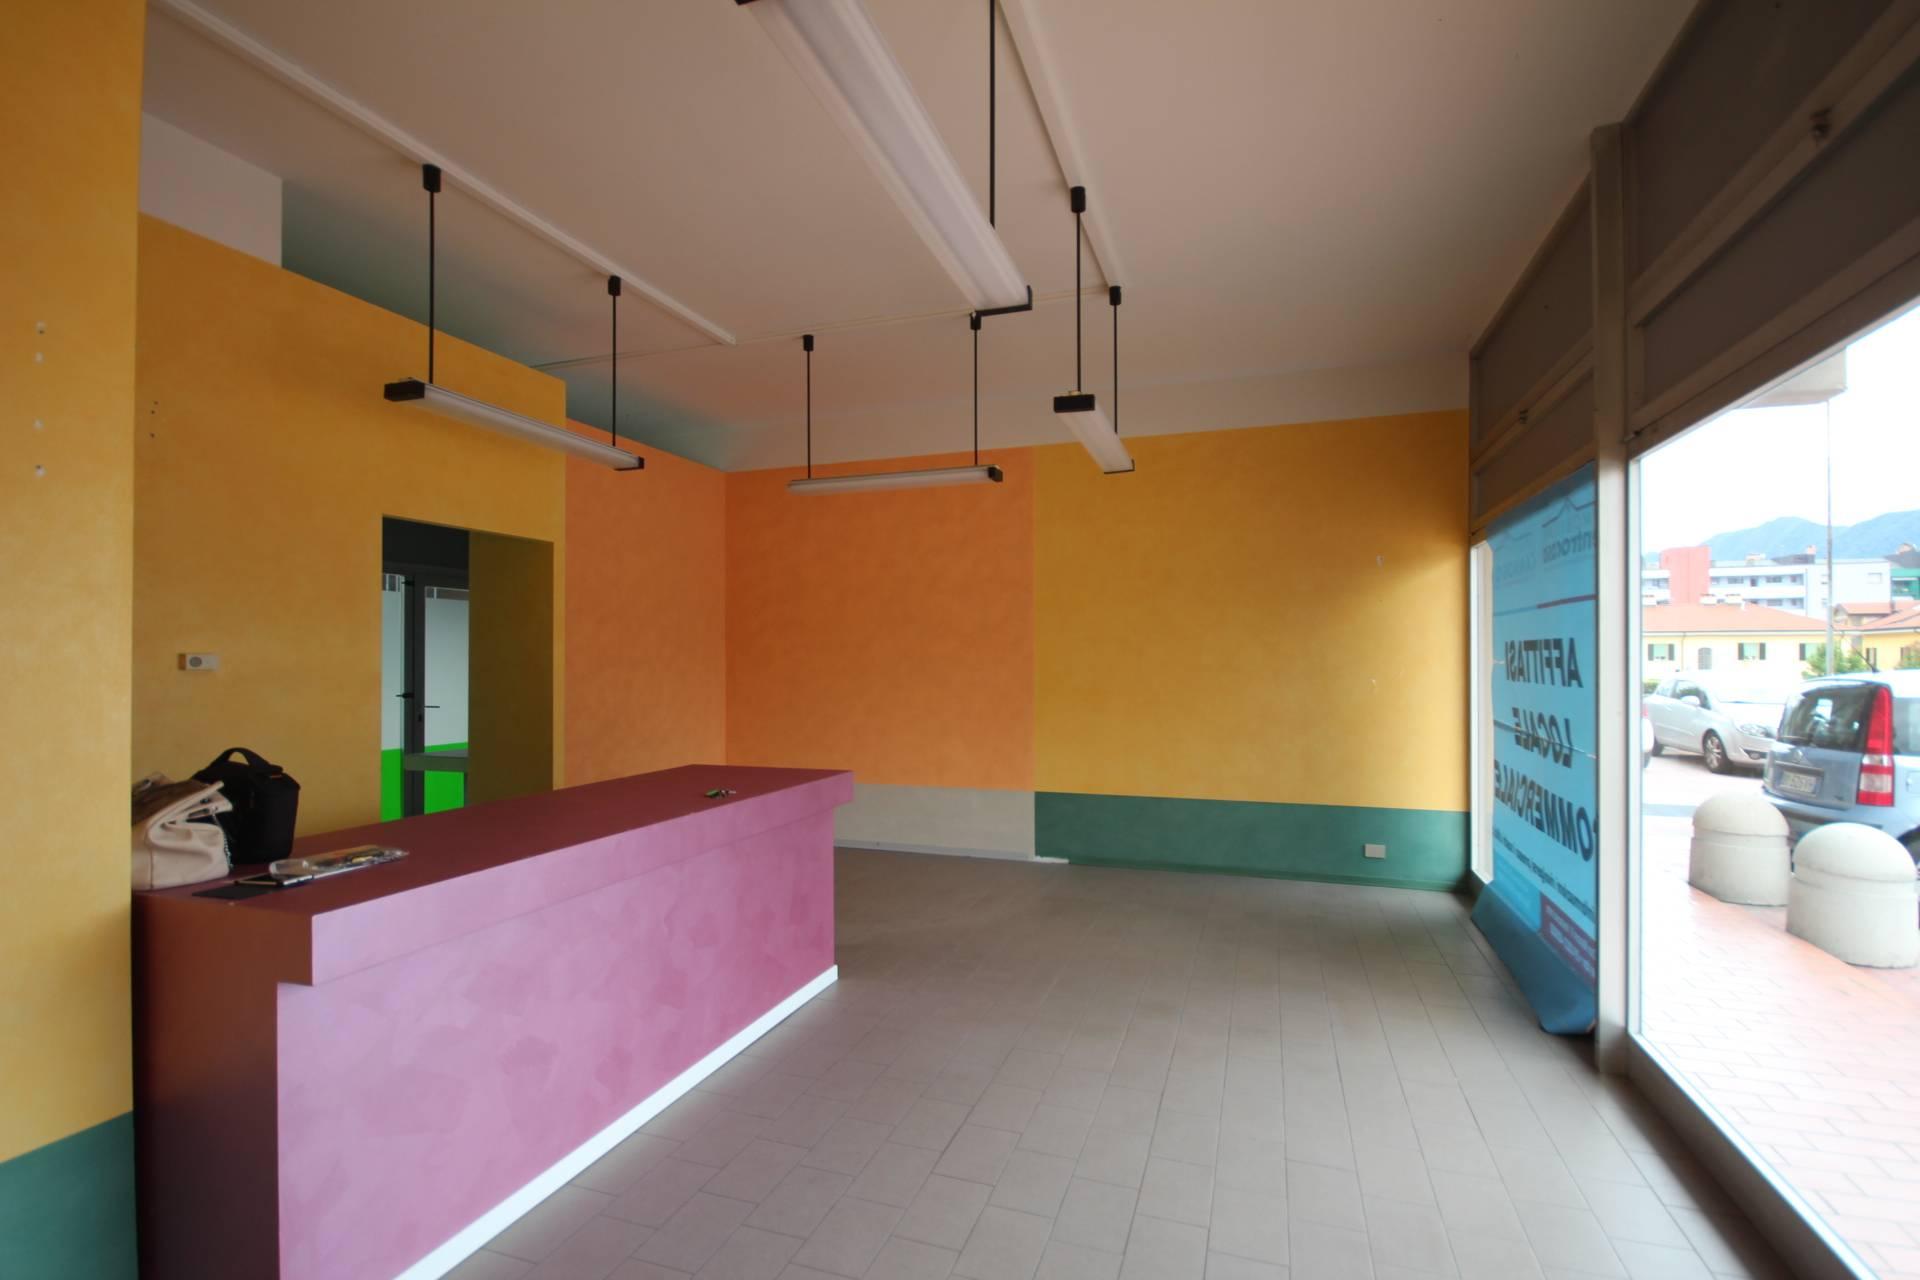 Negozio / Locale in affitto a Verbania, 9999 locali, zona Zona: Pallanza, prezzo € 400 | CambioCasa.it